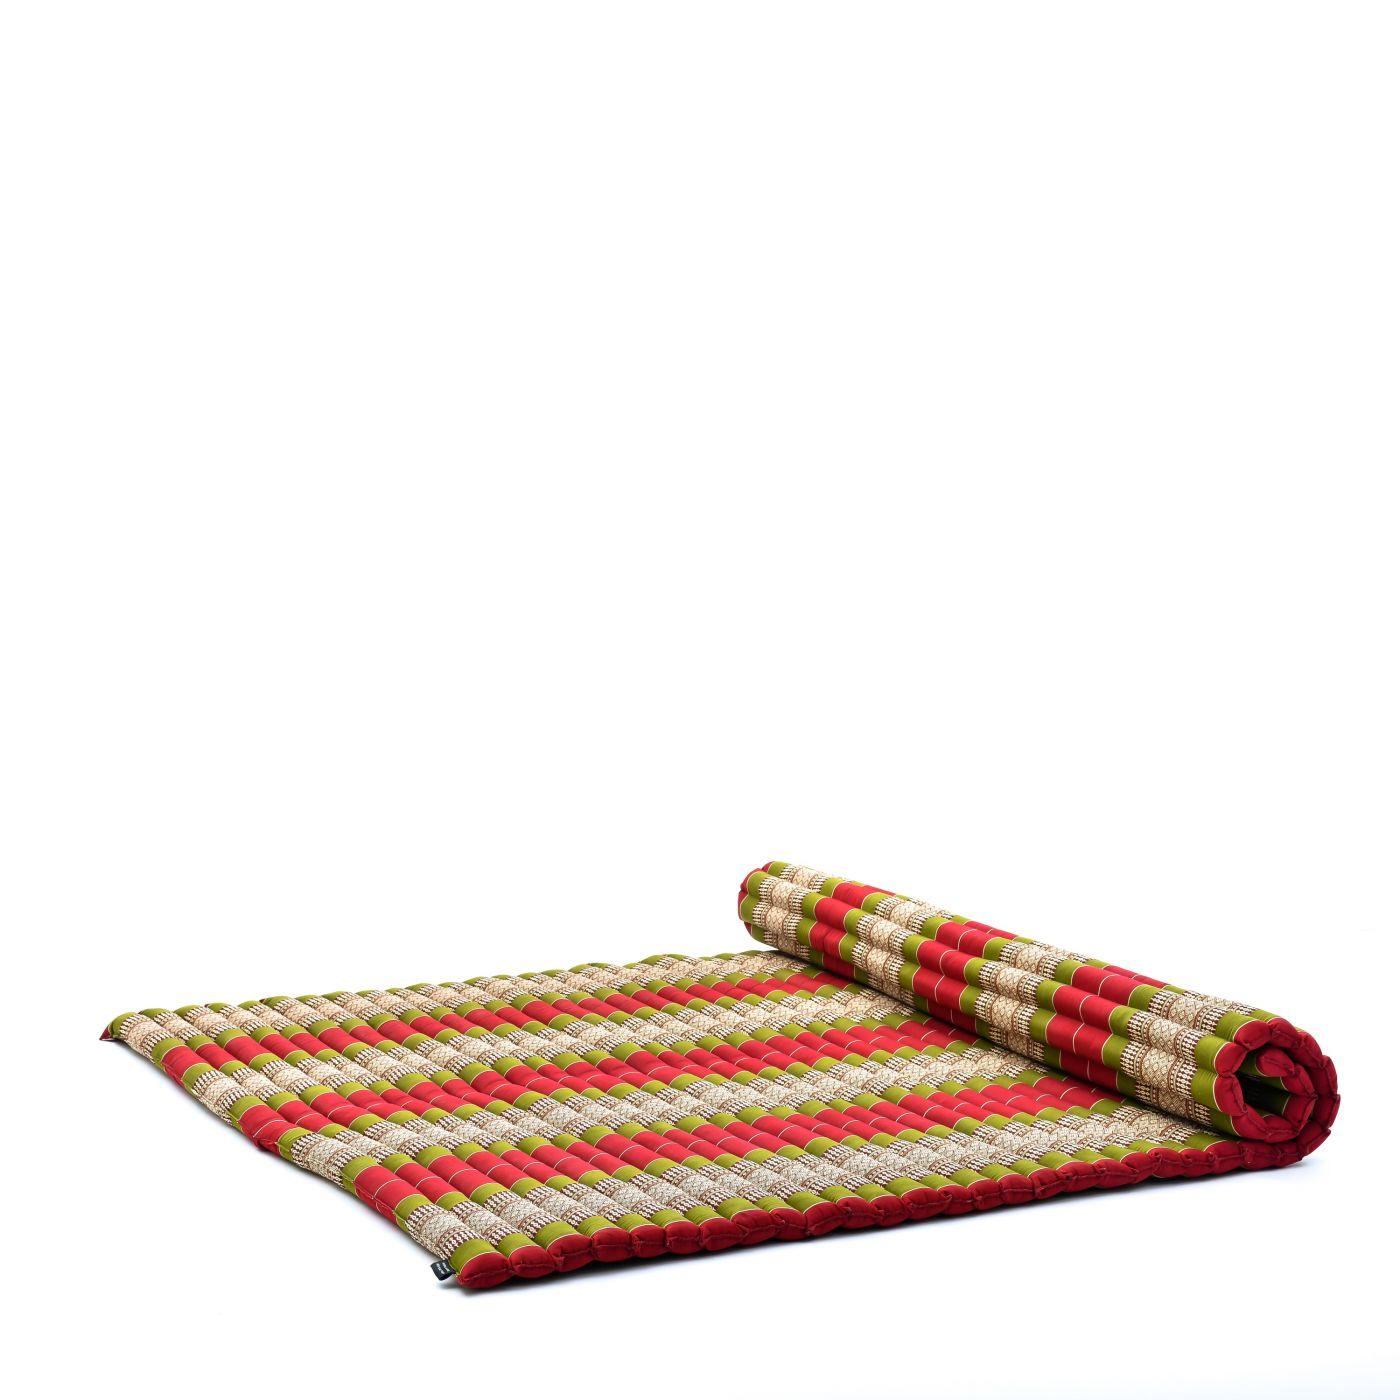 Leewadee Roll Up Thai Mattress 79x59x2